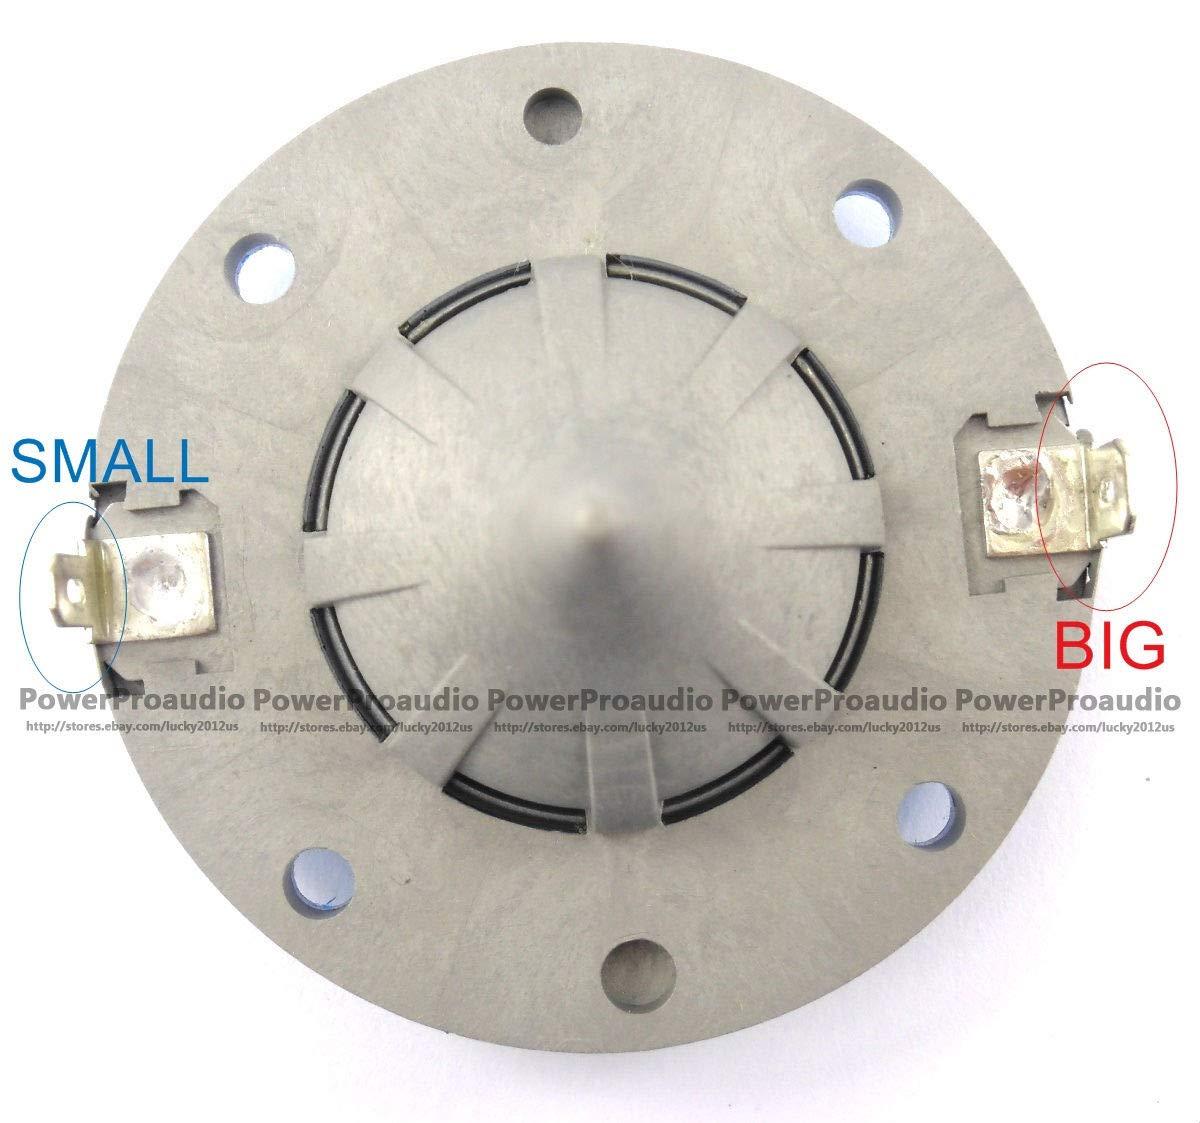 FidgetFidget Diaphragm Compression Driver repair 4pcs/Lot